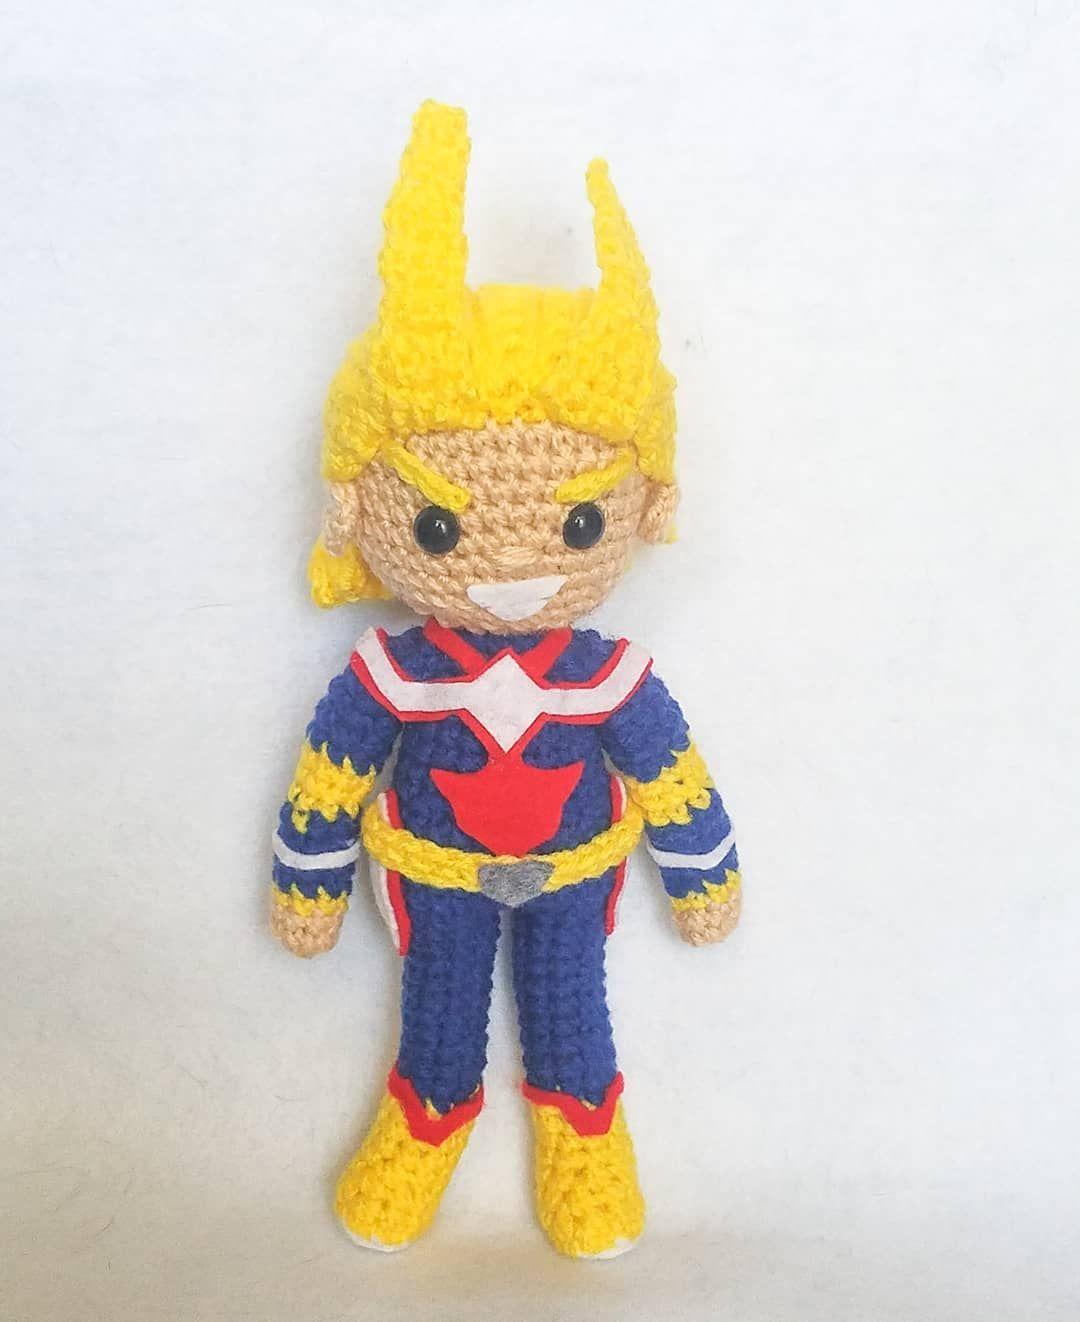 Crochet amigurumi doll … | Kawaii crochet, Amigurumi doll, Anime ... | 1322x1080